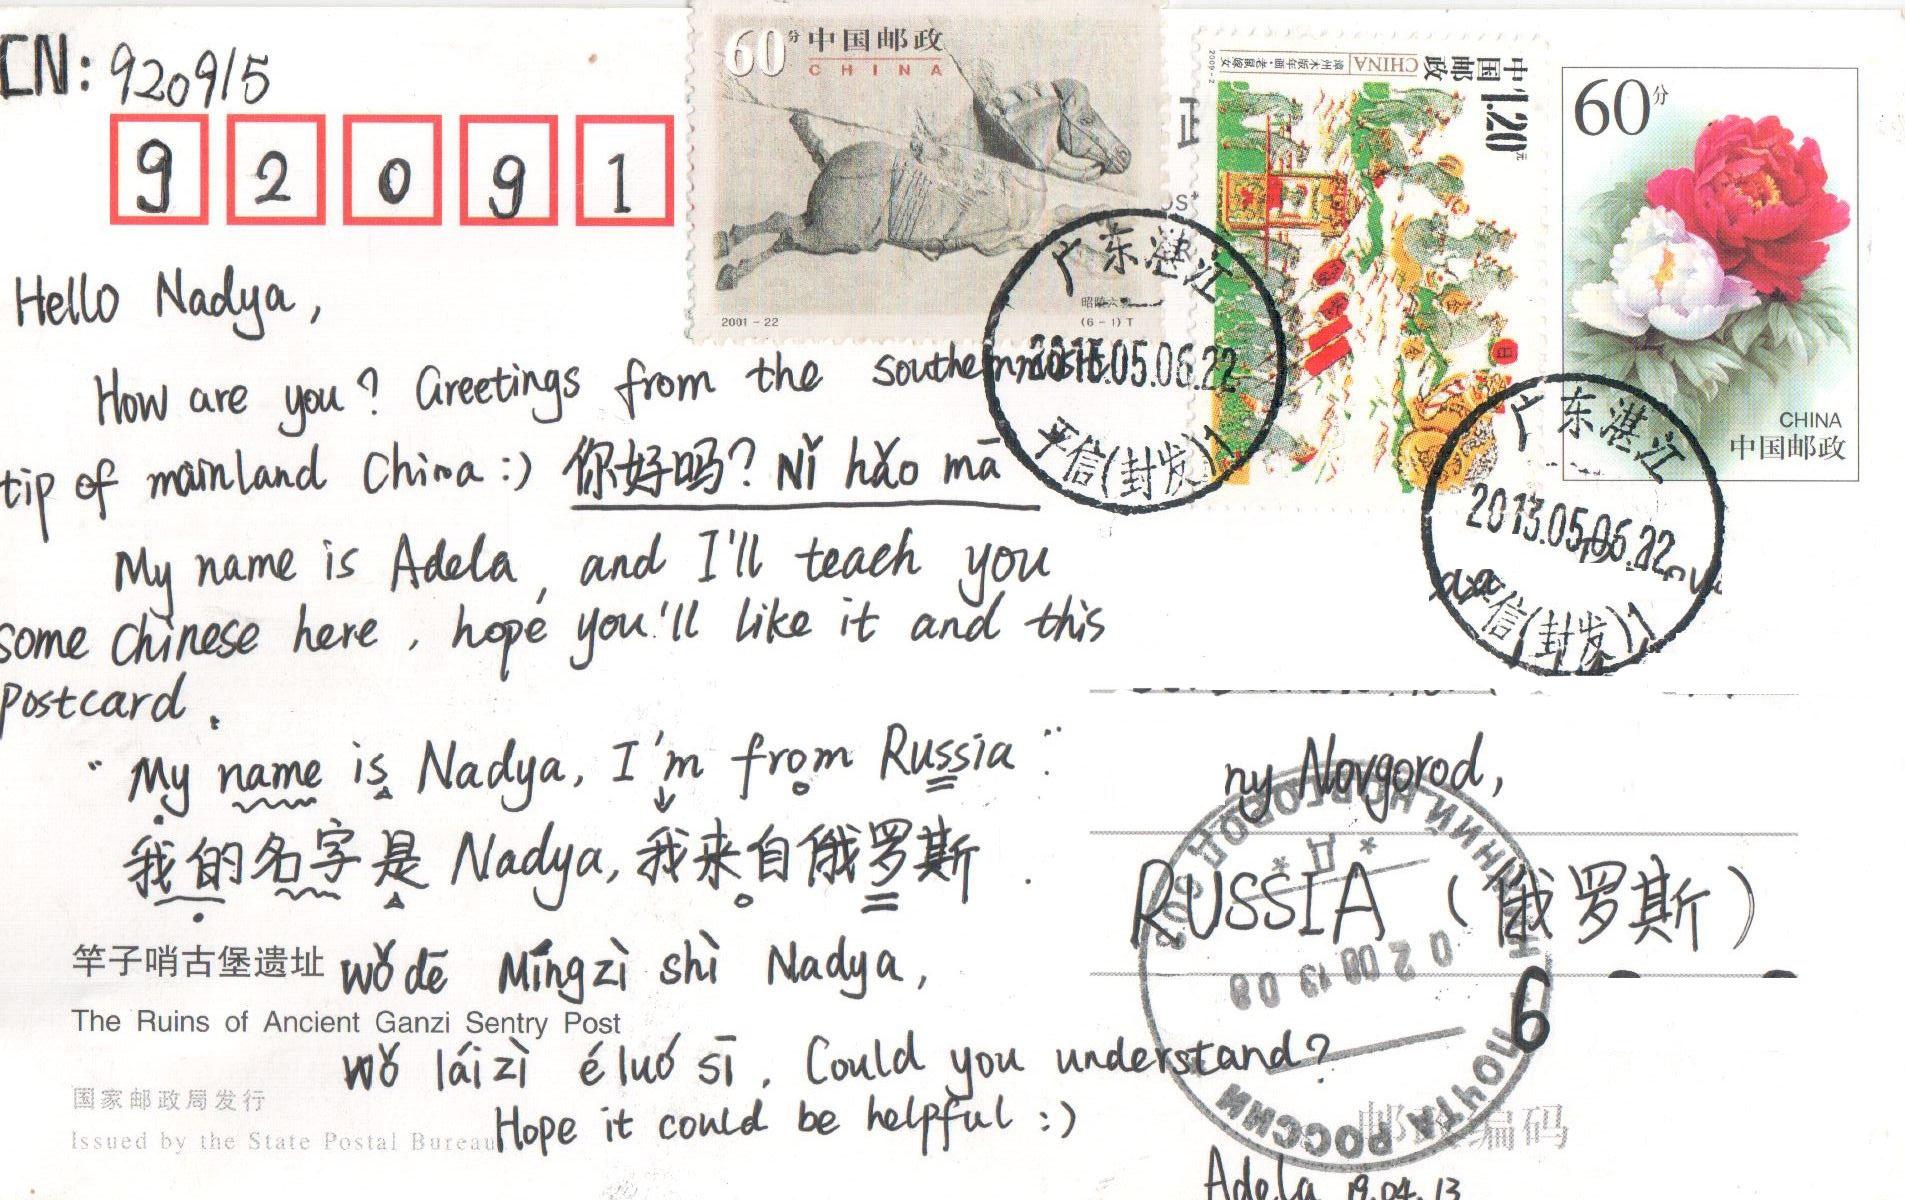 Образец написания адреса на открытке, картинки казах картинки